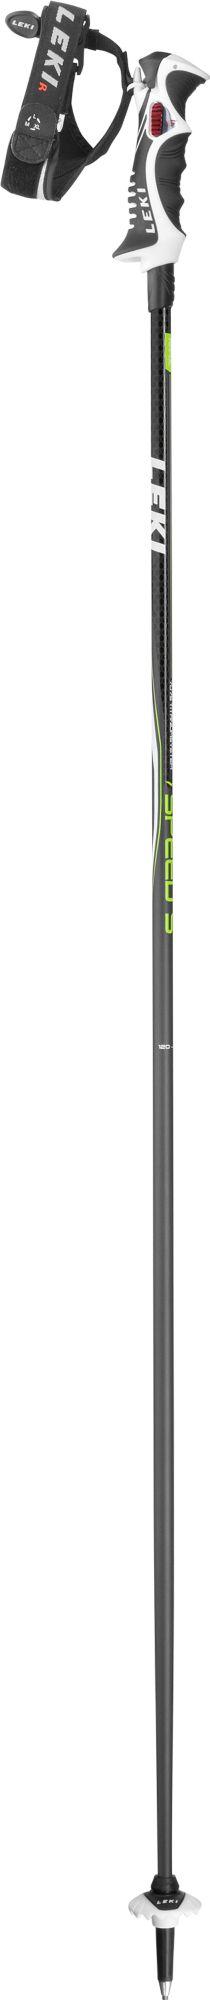 Speed S Alpinskistock mehrfarbig, Größe 120